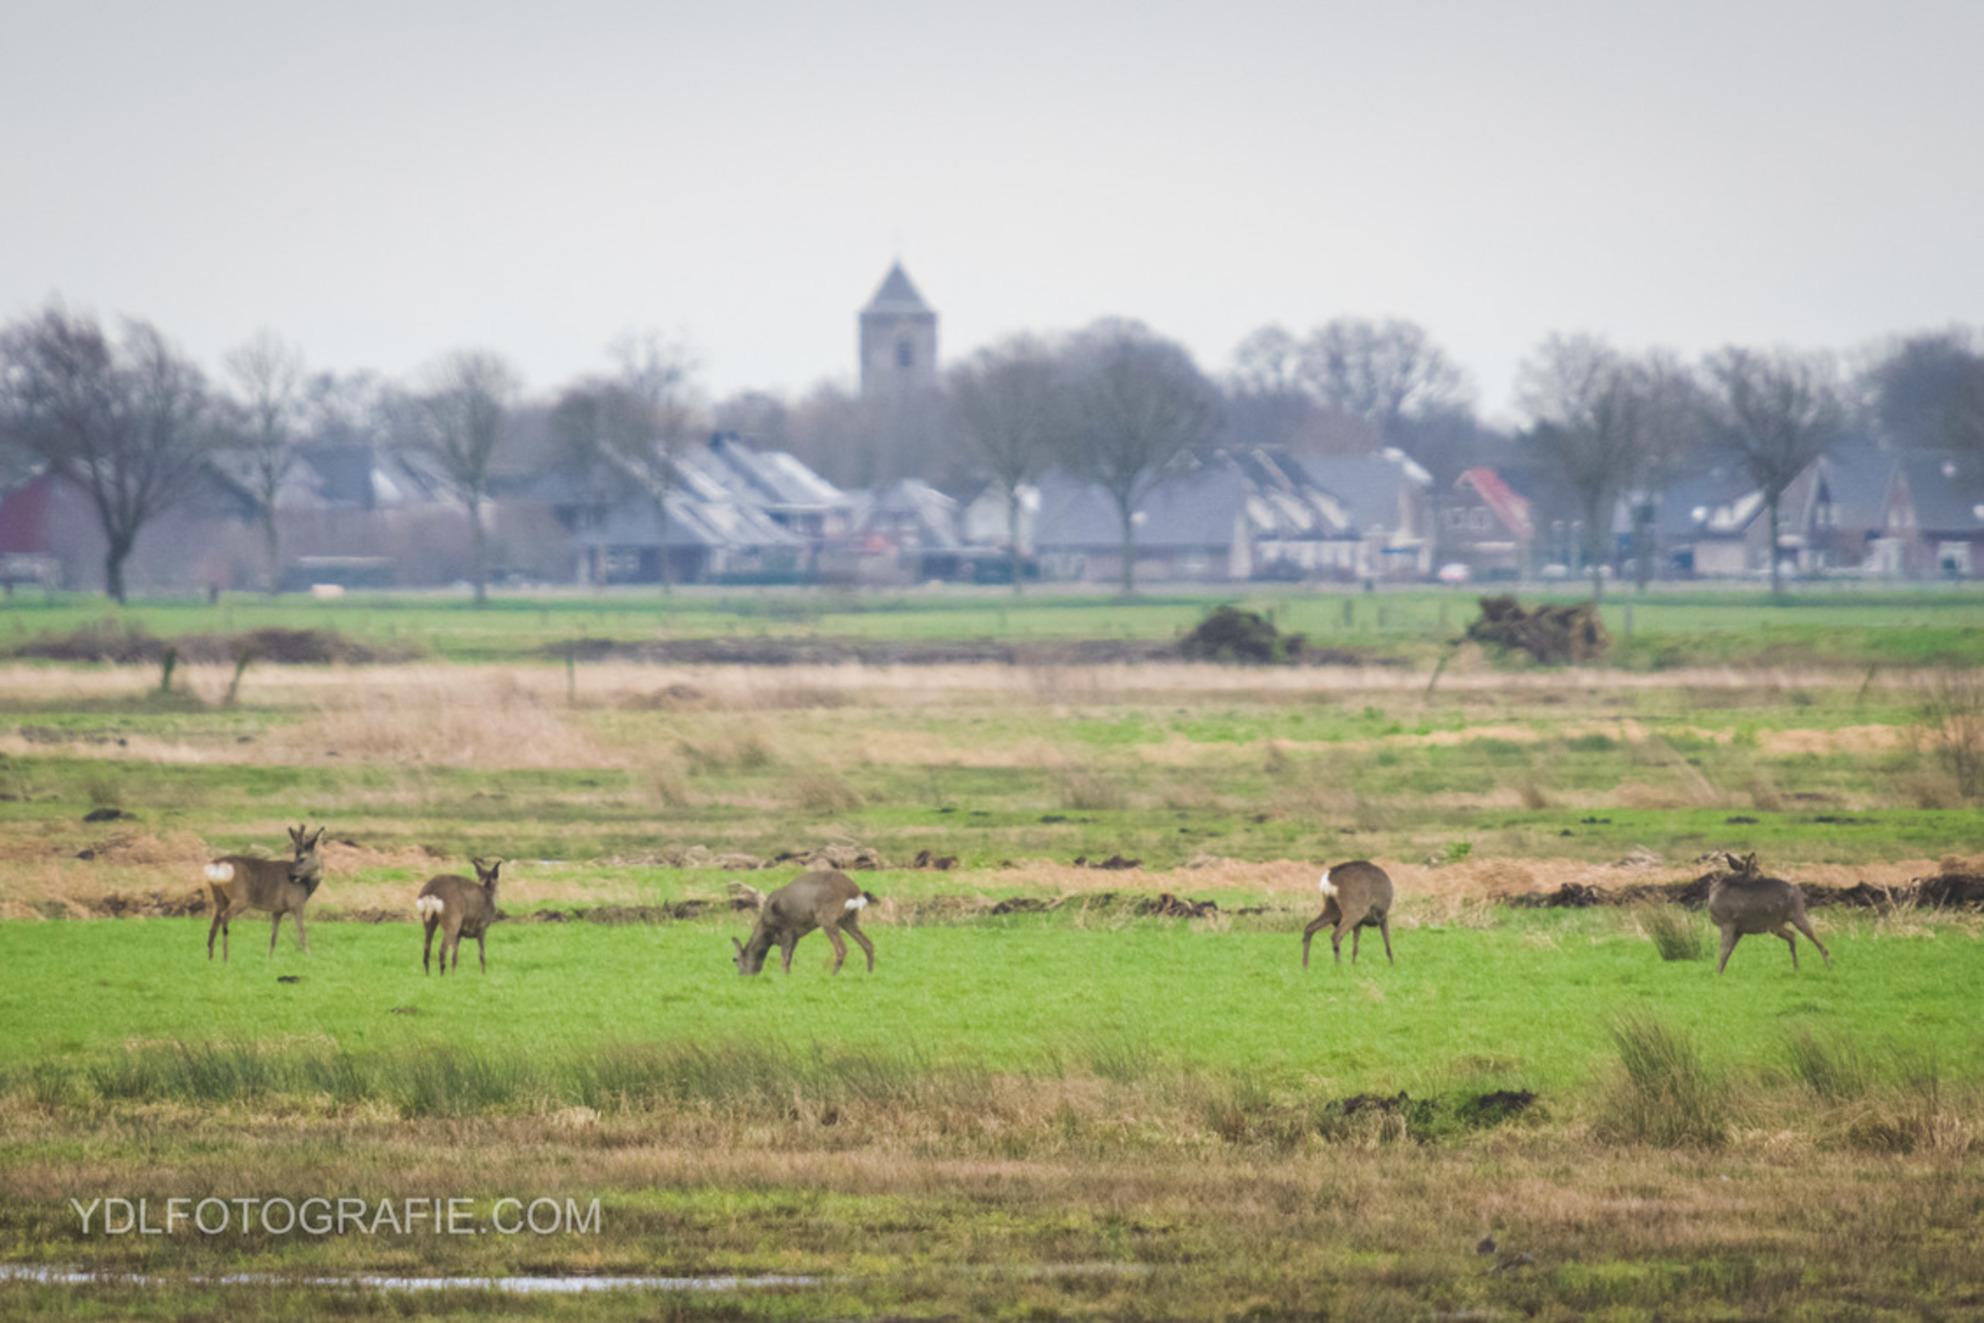 Reeën in Rouveen - - - foto door Yorbendelange op 02-02-2018 - deze foto bevat: reeen - Deze foto mag gebruikt worden in een Zoom.nl publicatie